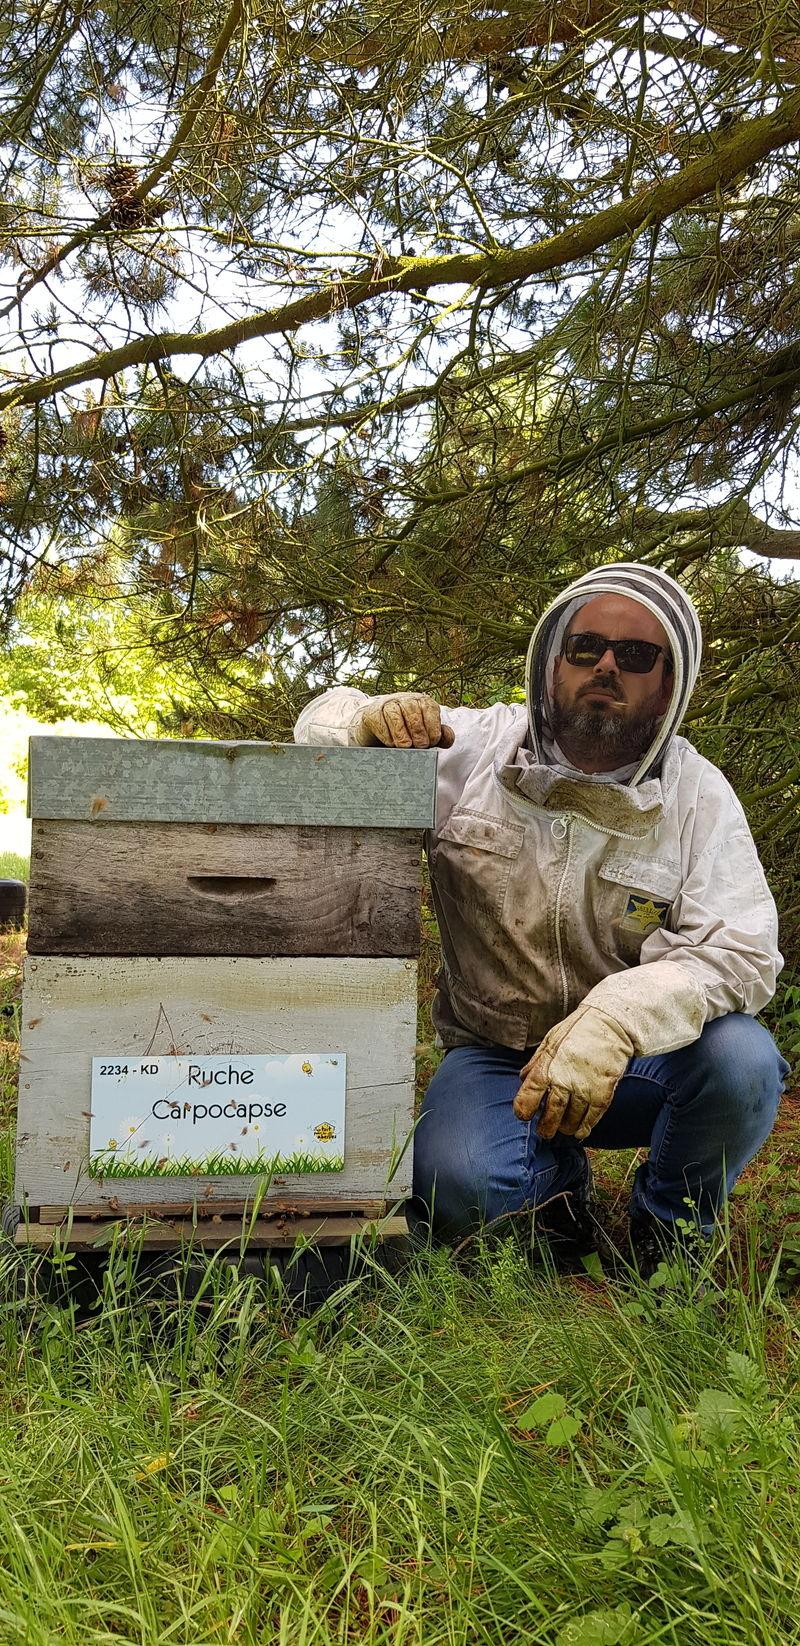 La ruche Carpocapse